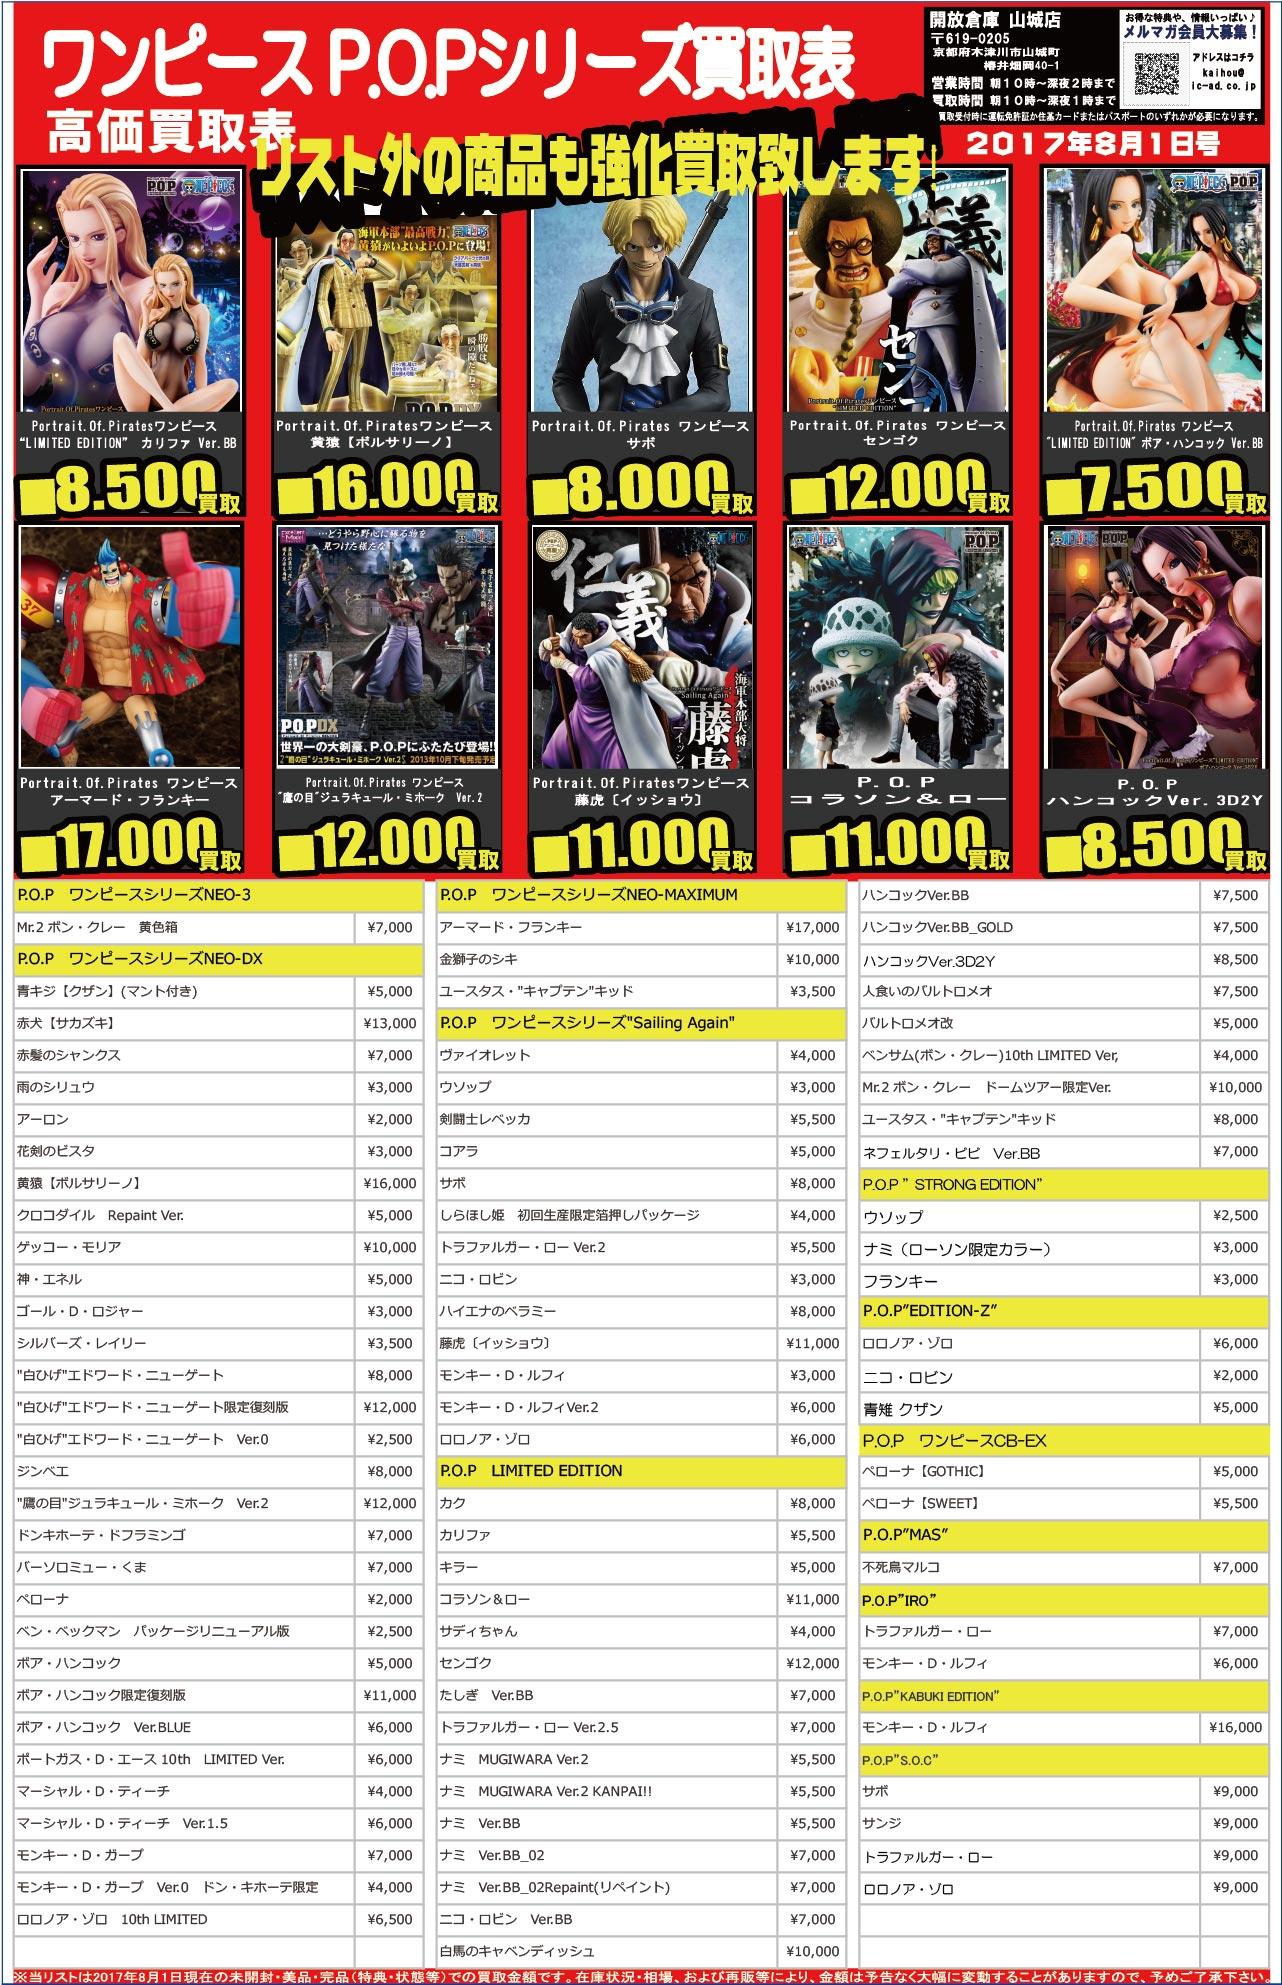 「開放倉庫山城店」おもちゃ買取表<8月1日号>ワンピースP.O.Pシリーズ高価買取表!リスト外の商品も強化買取いたします!